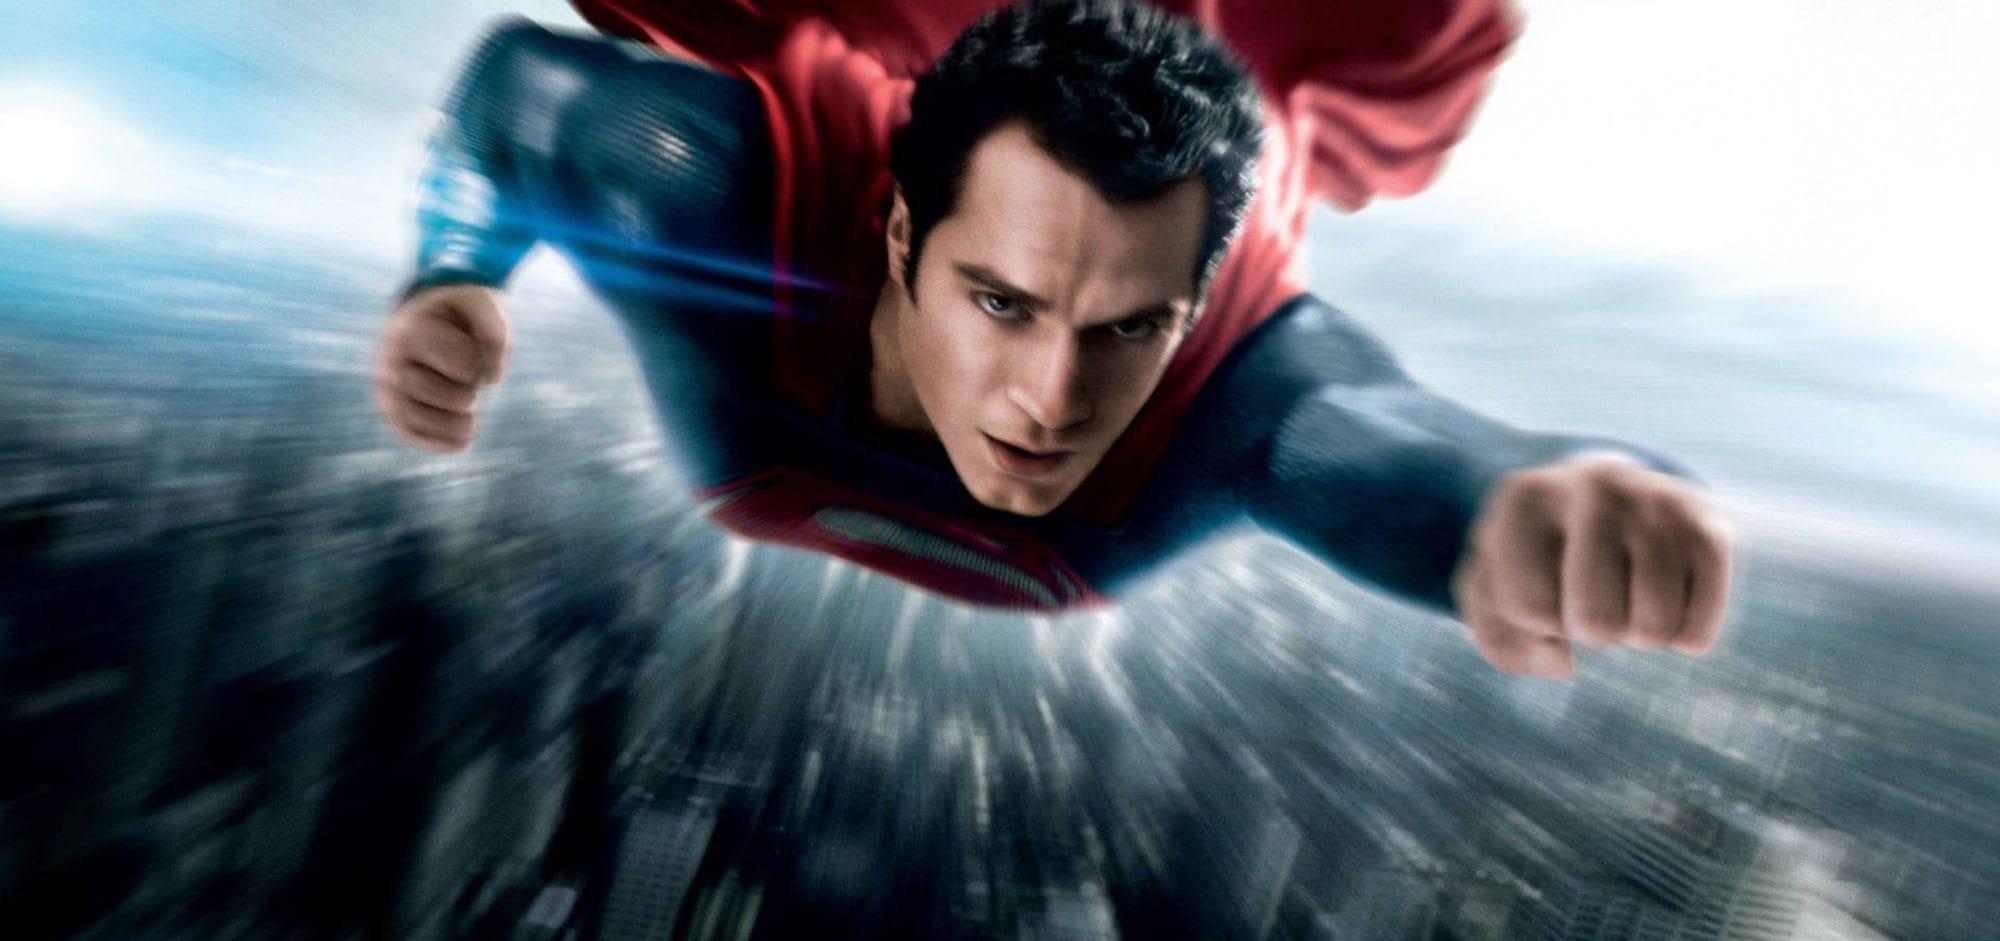 Ảnh đẹp Superman đang bay